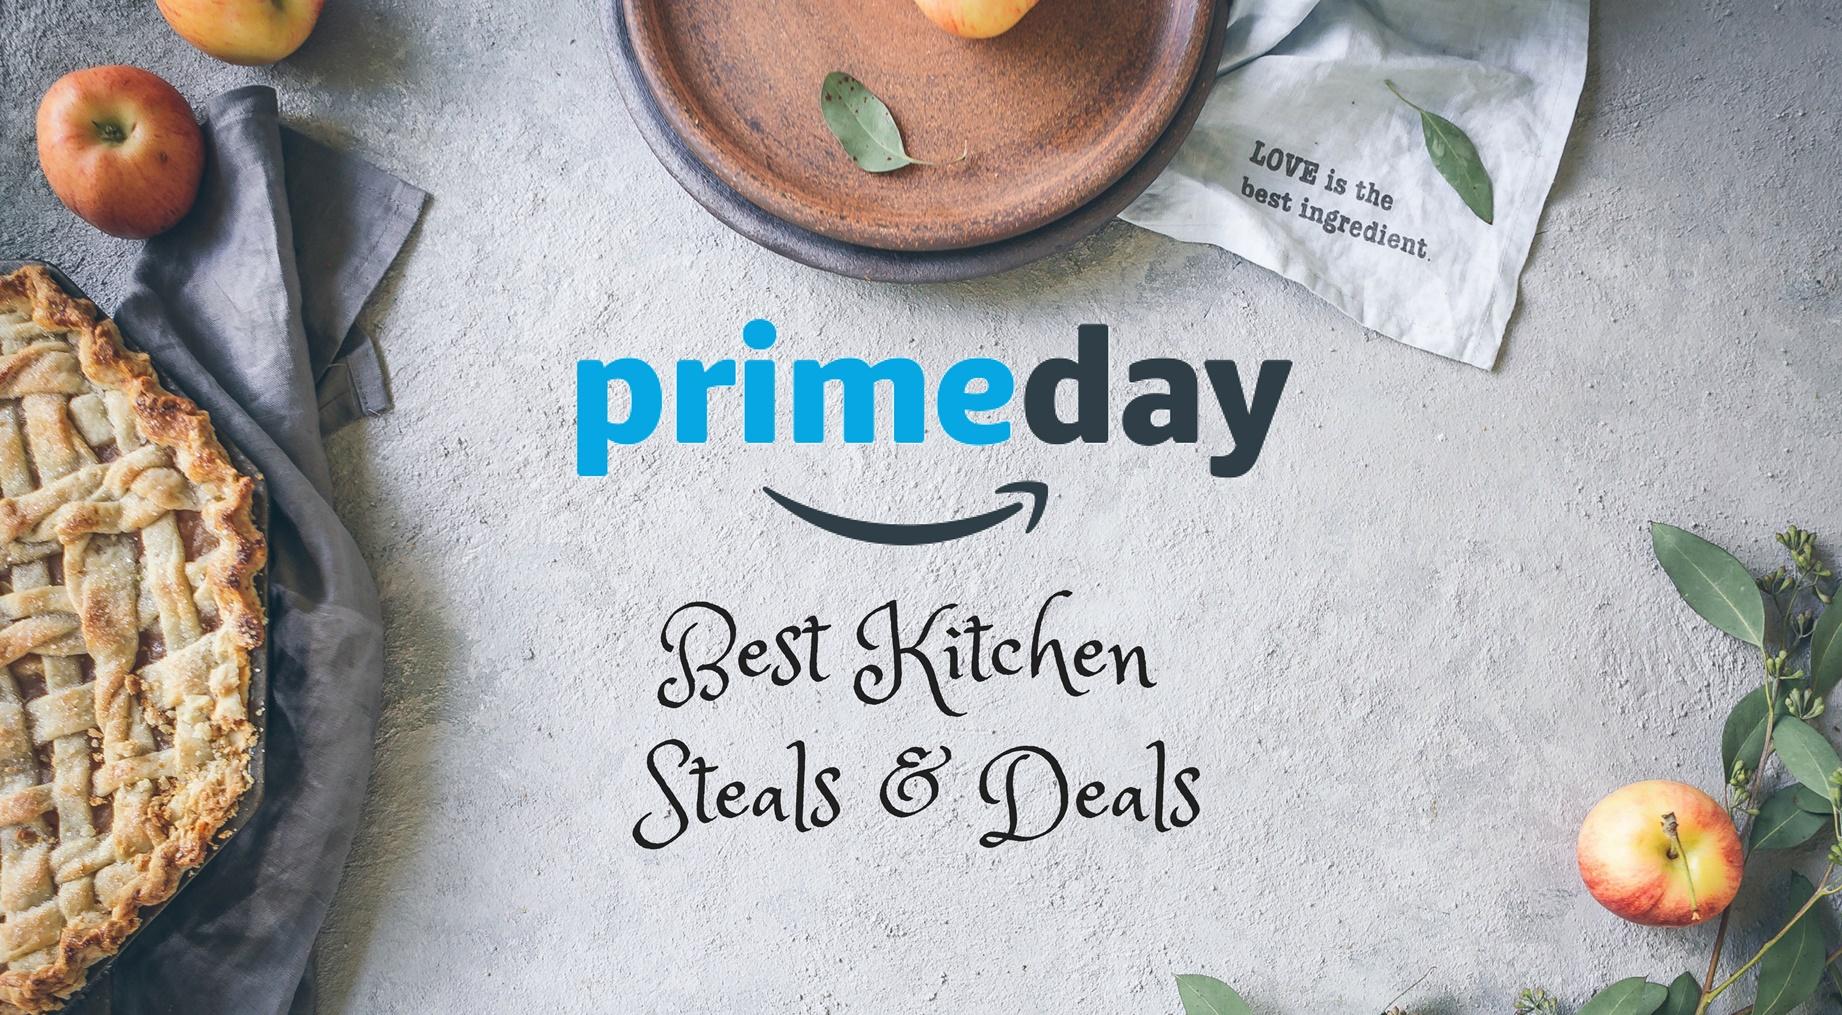 Best Kitchen Steals & Deals